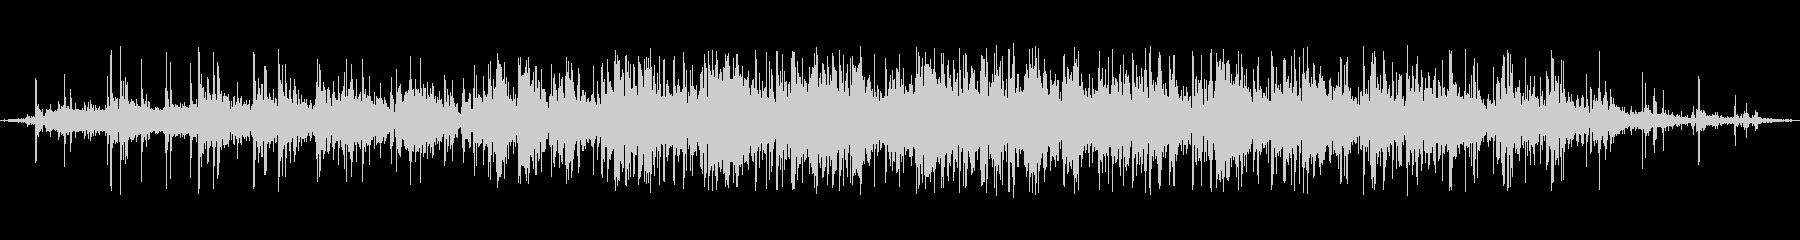 中聴衆の拍手;ヴィンテージ録音;群...の未再生の波形